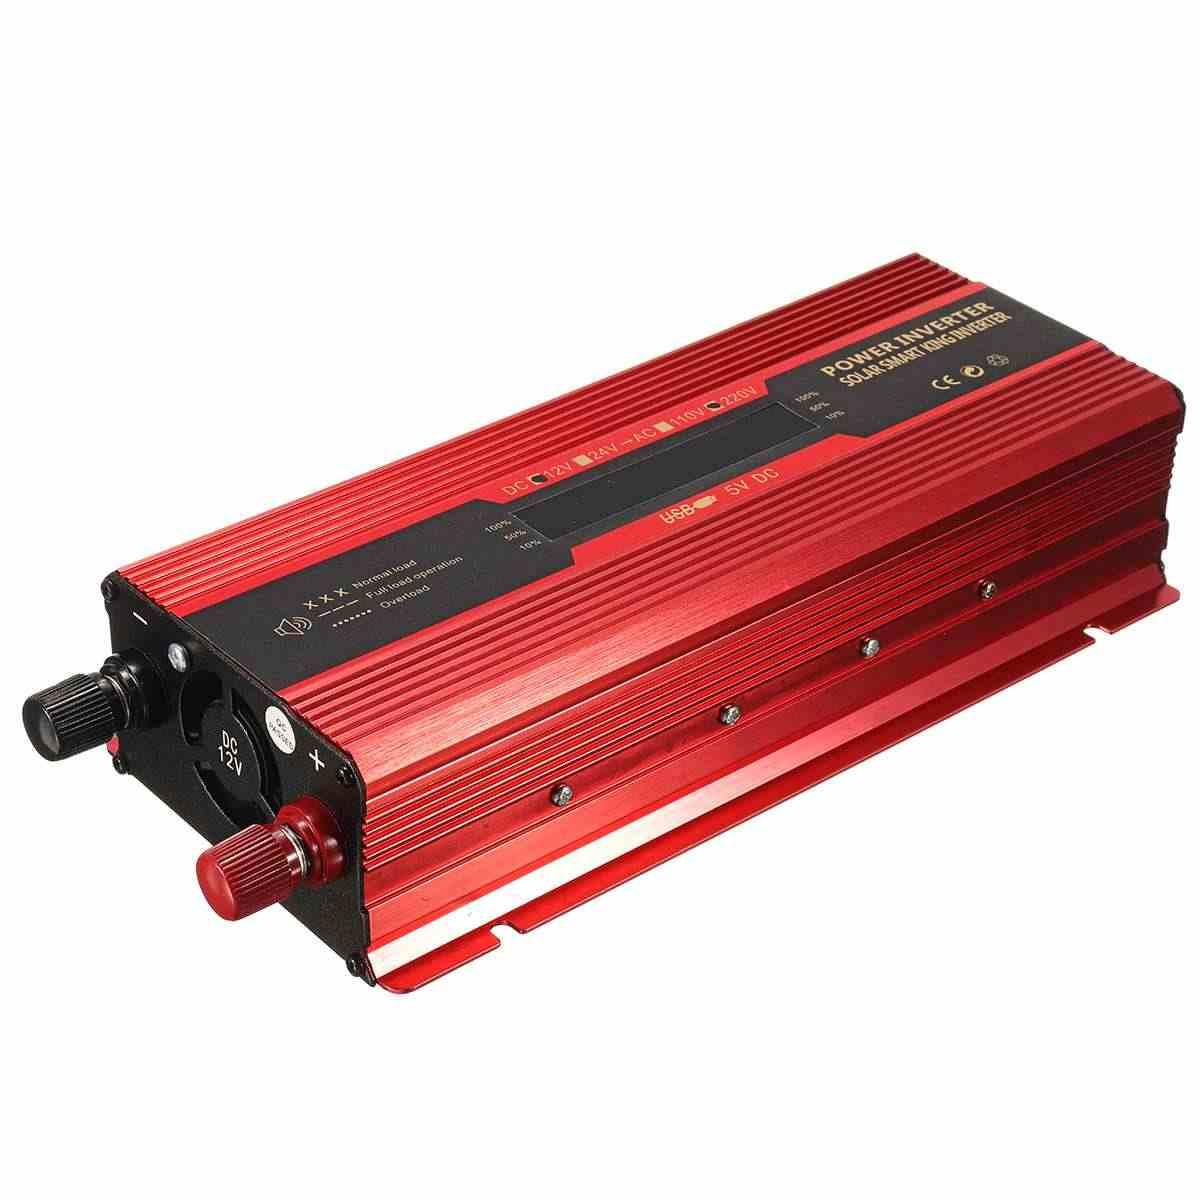 Автомобильный инвертор 12 В 220 в 6000 Вт P eak преобразователь напряжения Трансформатор 12 В/24 В 110 В/220 В инверсор Универсальный/США штекер